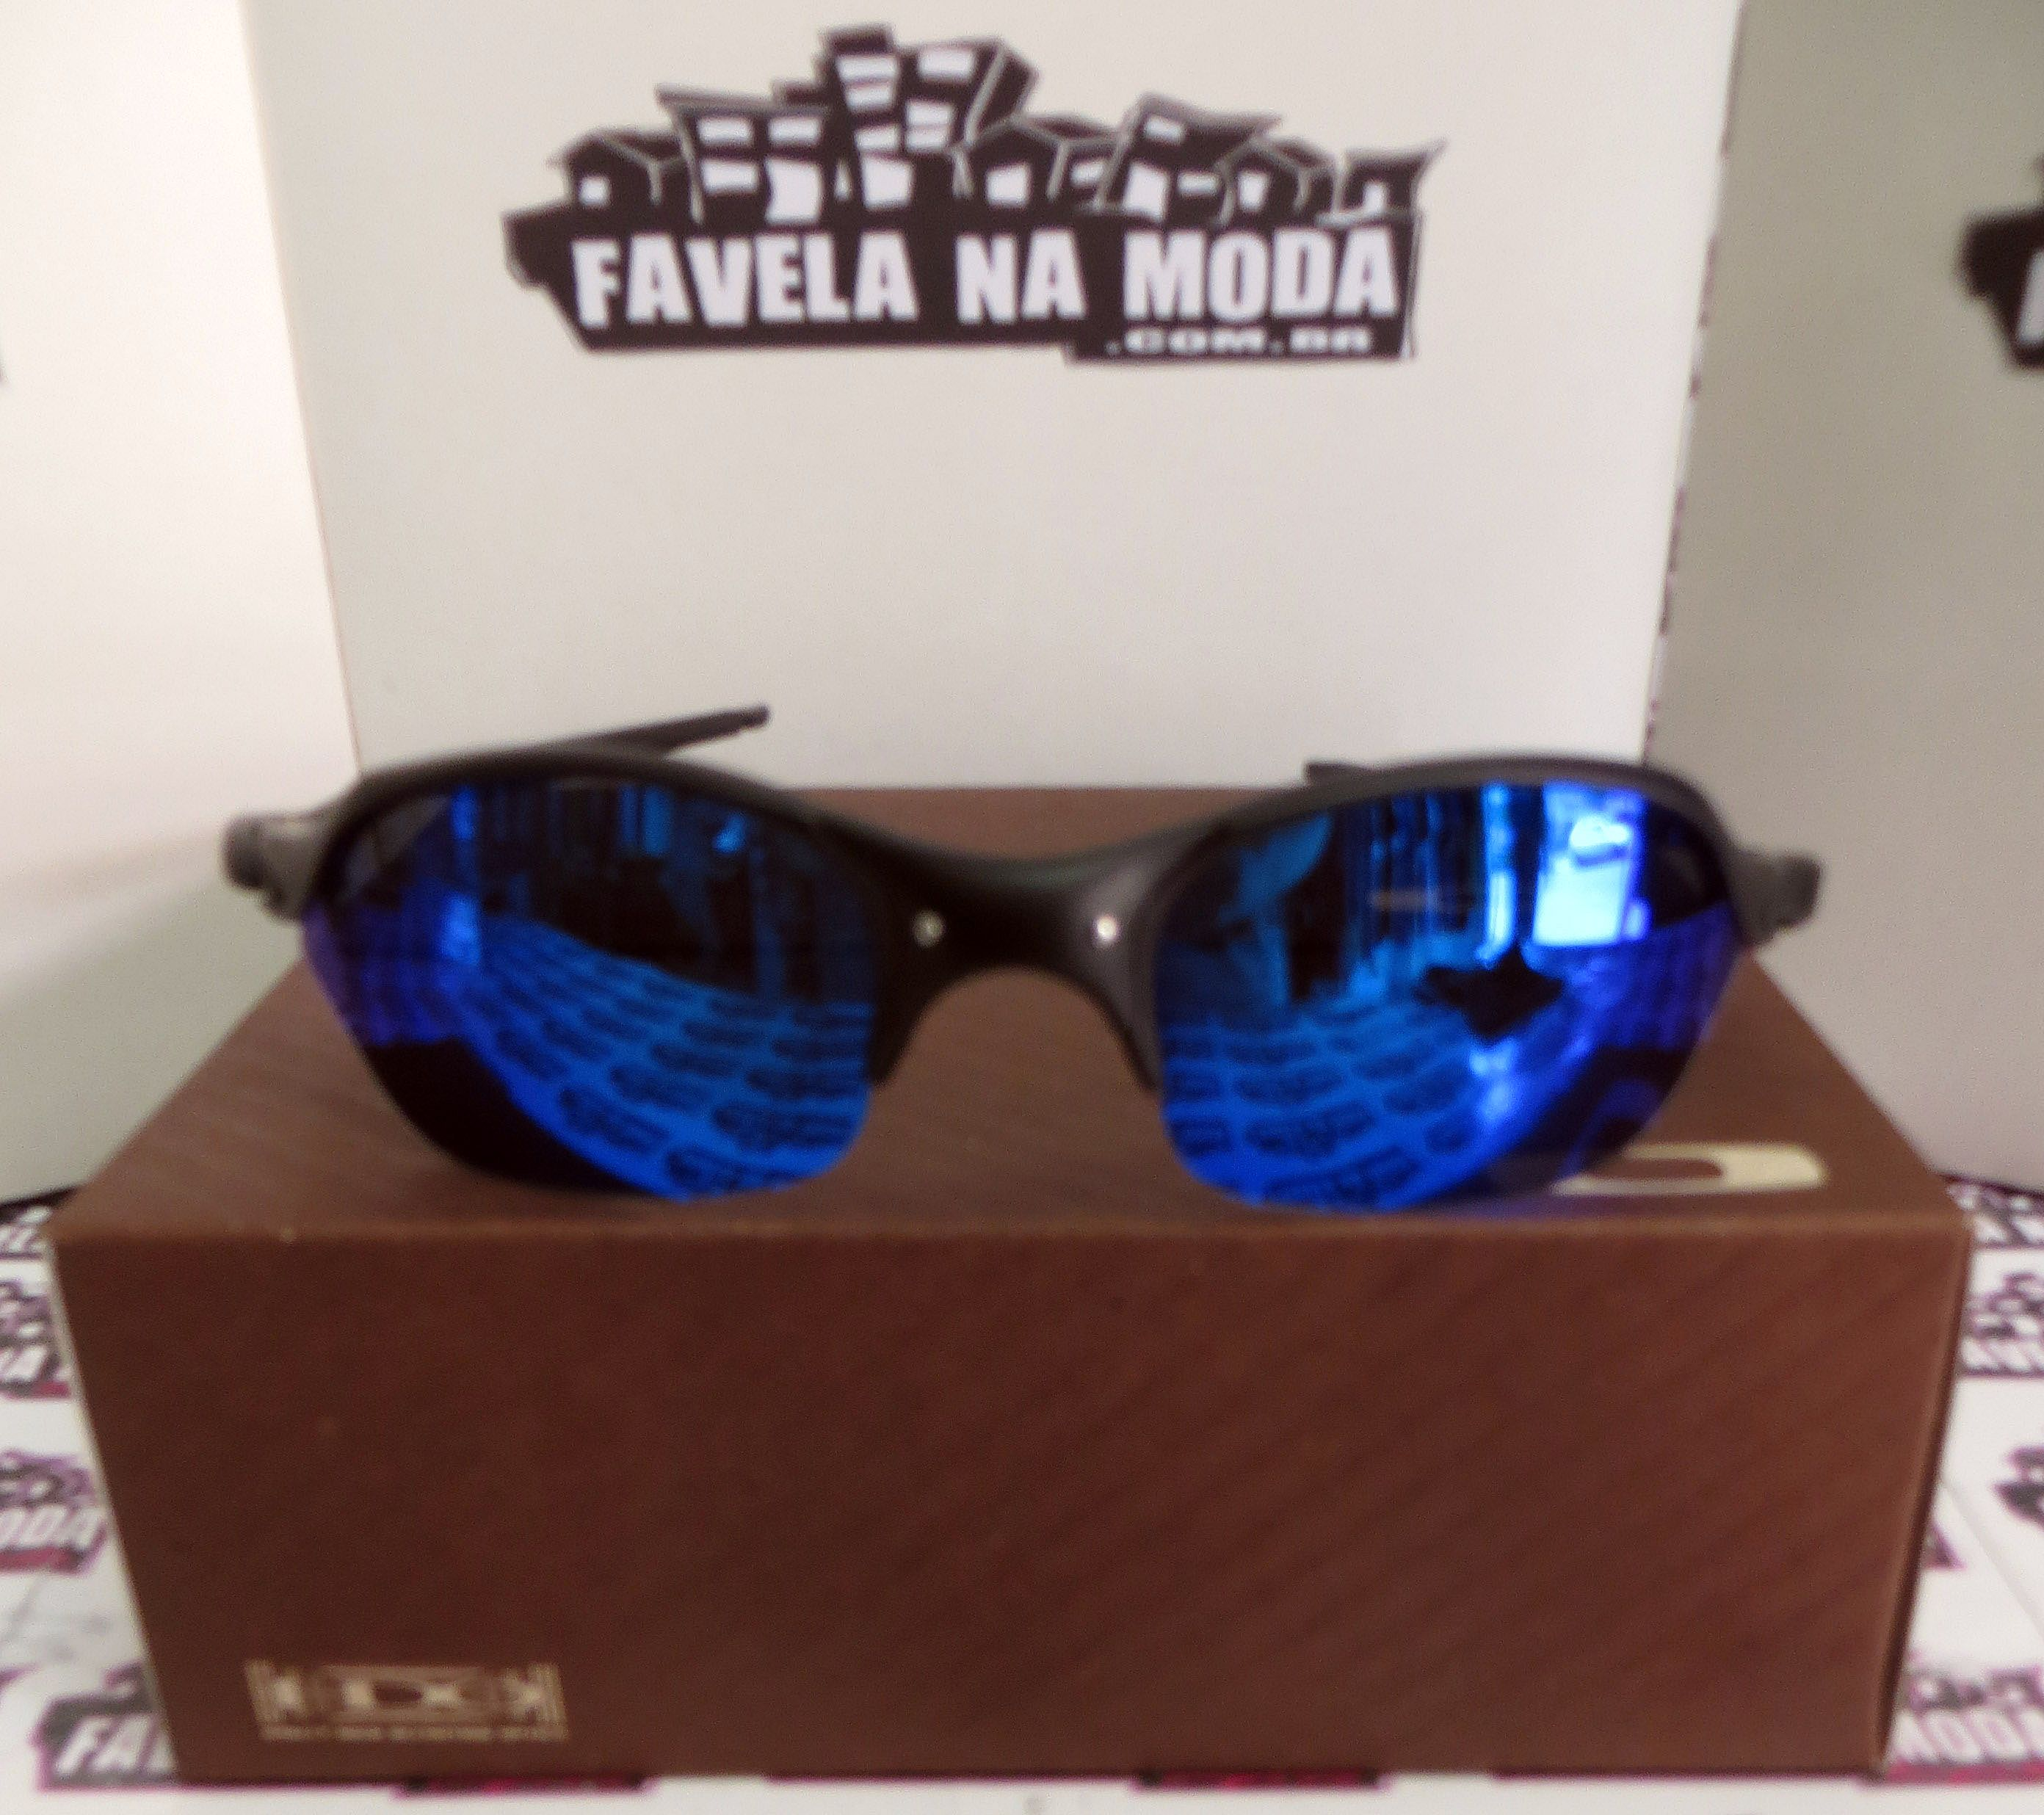 3a2248fca4492 Óculos Oakley Romeo 2 - Carbon   Magic Blue   Borrachas Pretas